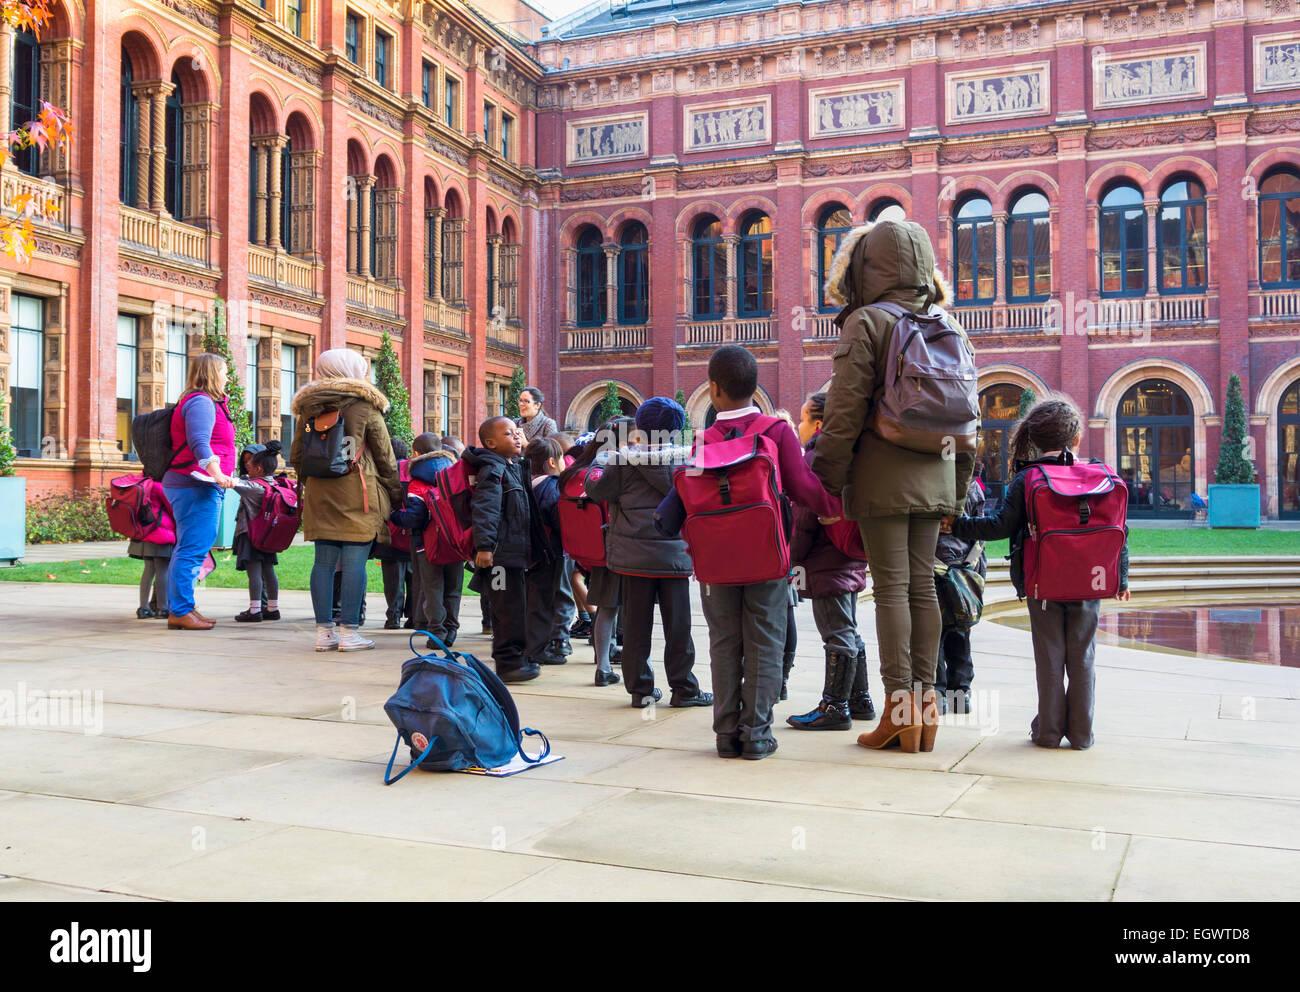 Los niños de escuela primaria en una excursión escolar en el Victoria and Albert Museum, Londres, Inglaterra, Imagen De Stock